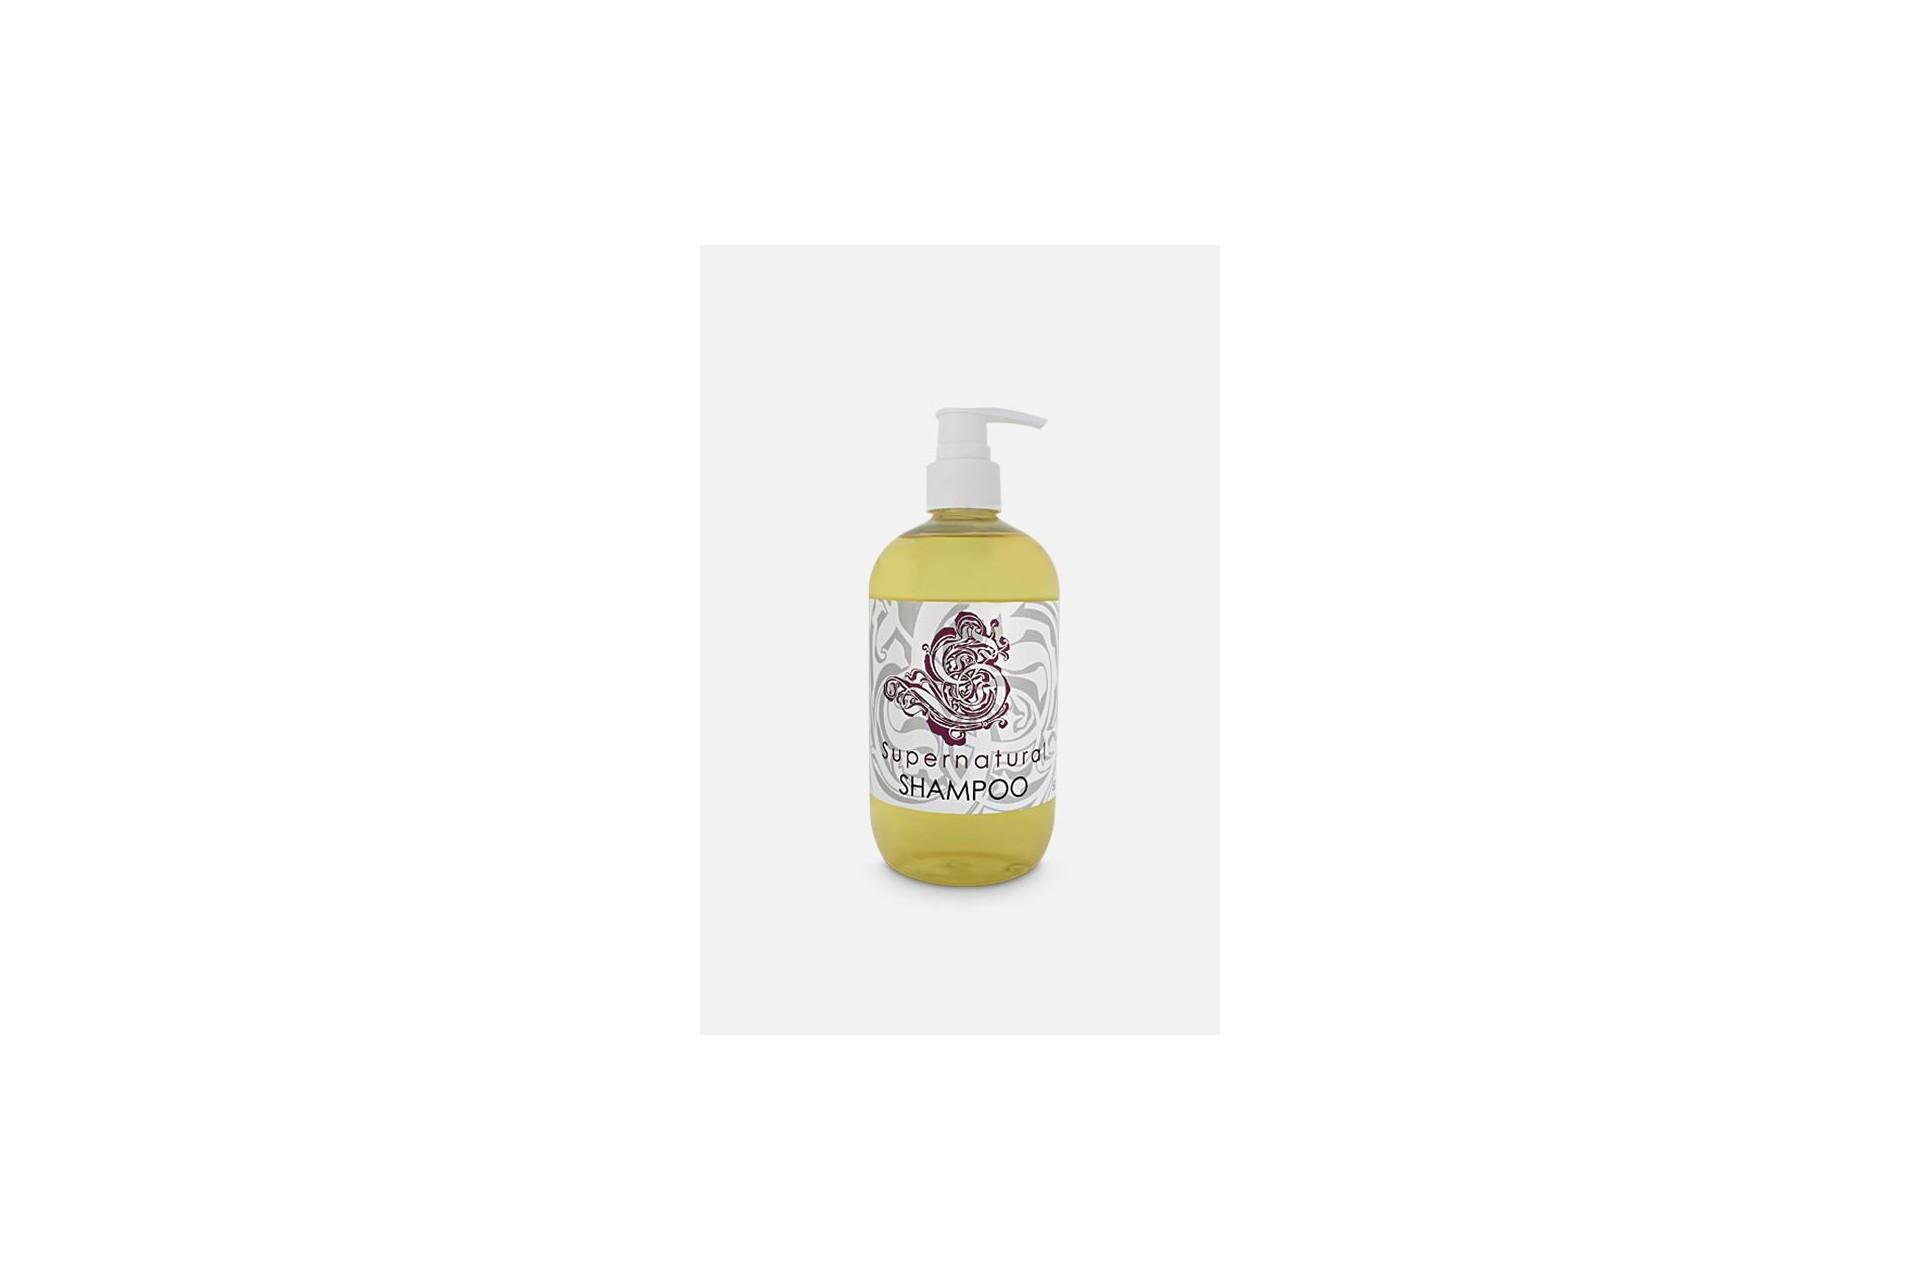 Shampoing Supernatural de Dodo Juice, en bouteille de 250 ml